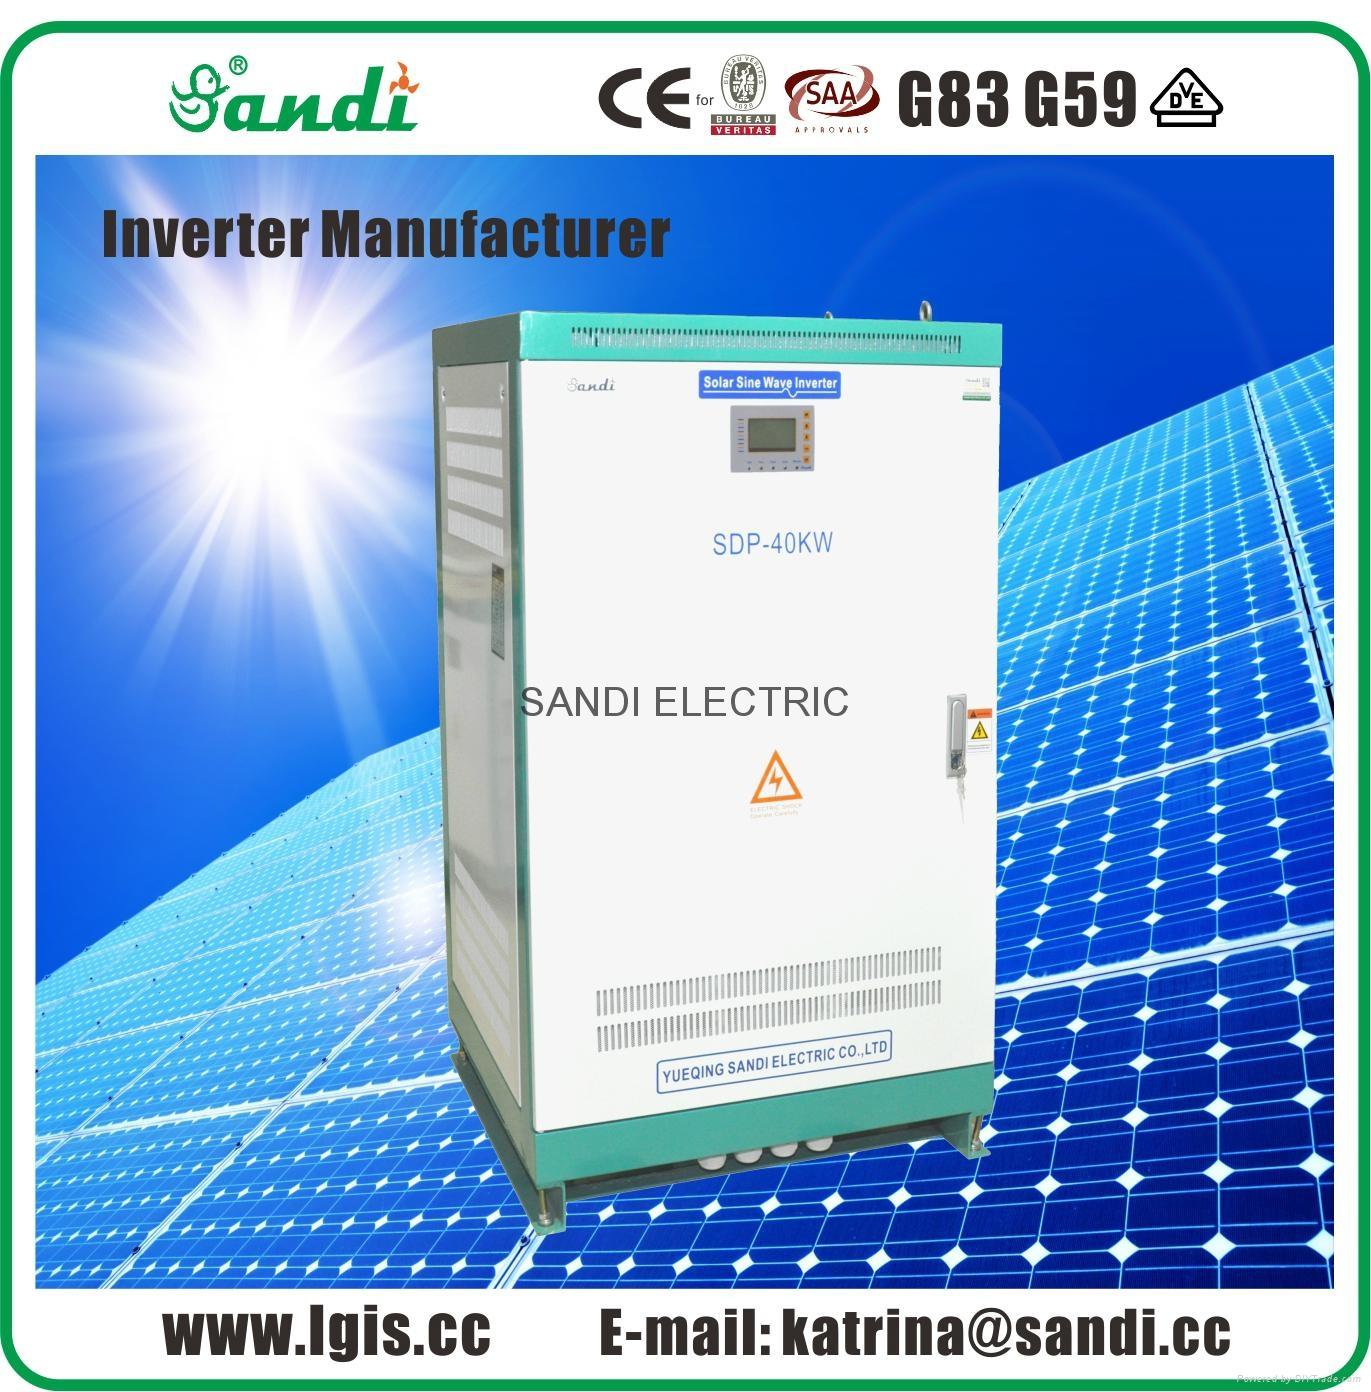 工業級逆變器 電力純正弦波逆變電源5KW~250KW